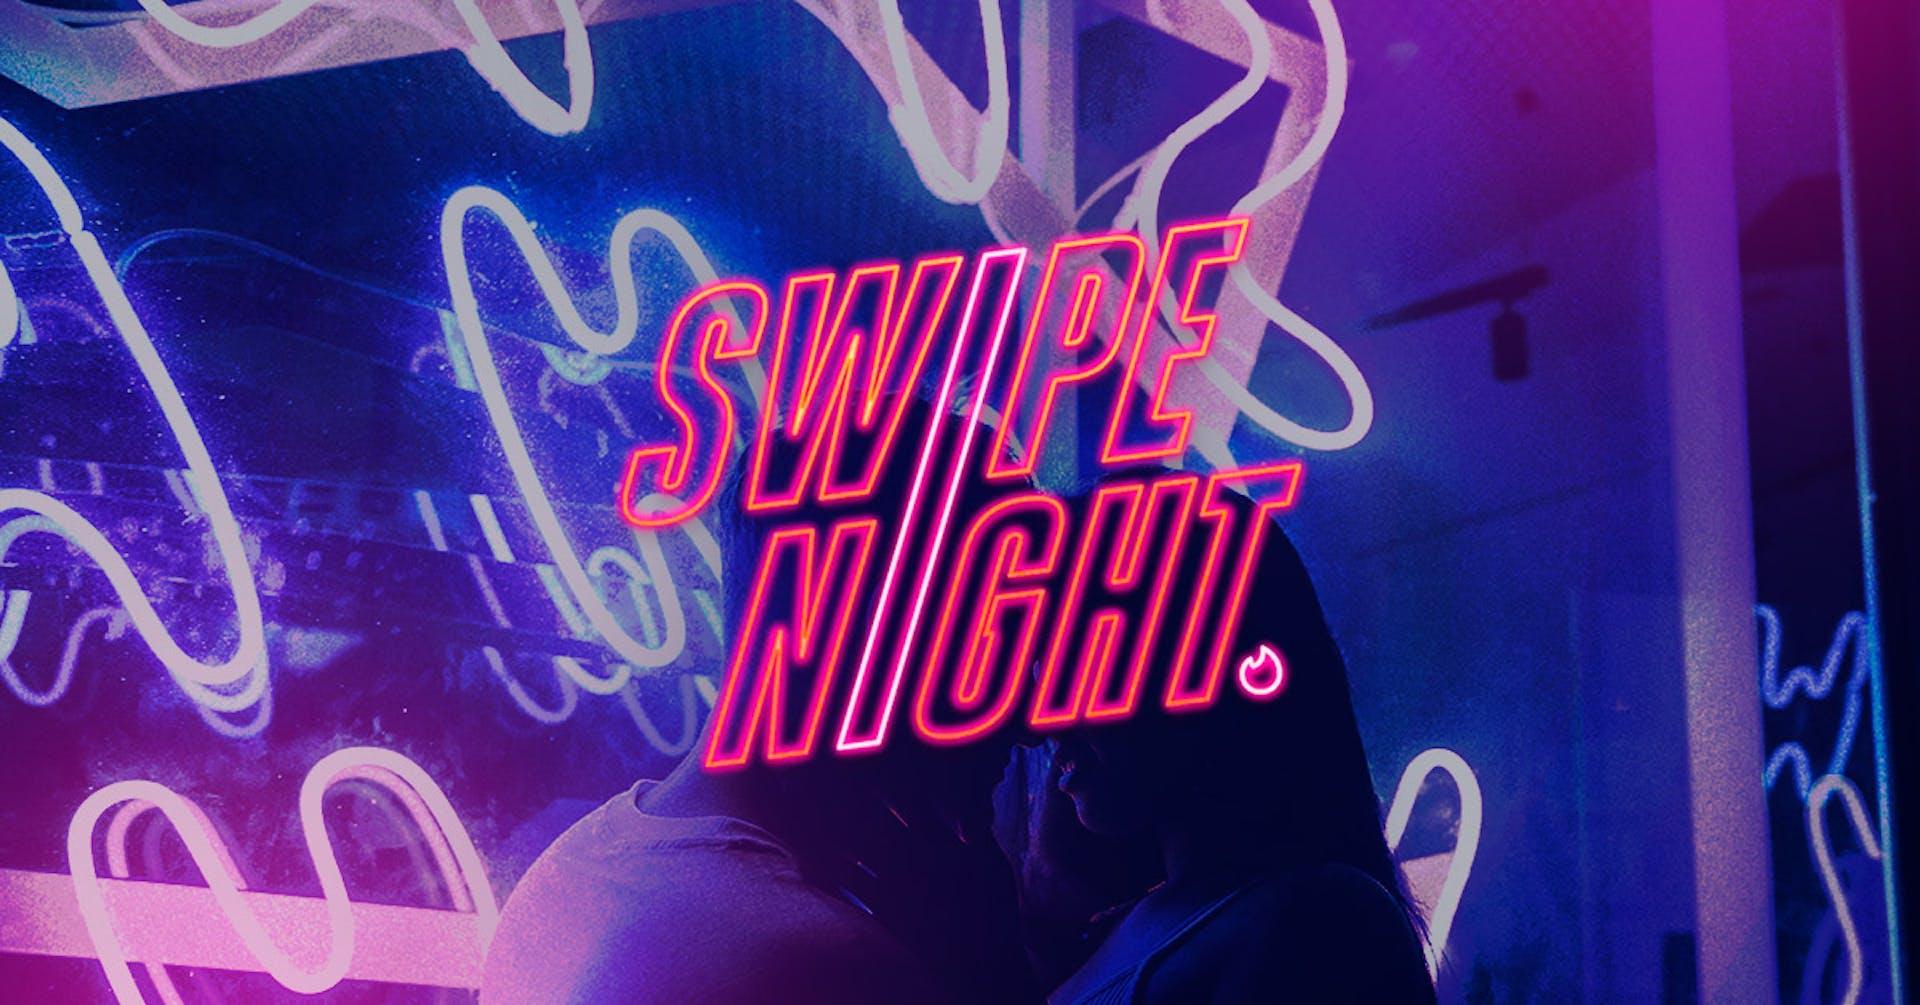 Tinder estrenó su serie Swipe Night, ¿La conoces? Aquí te lo contamos